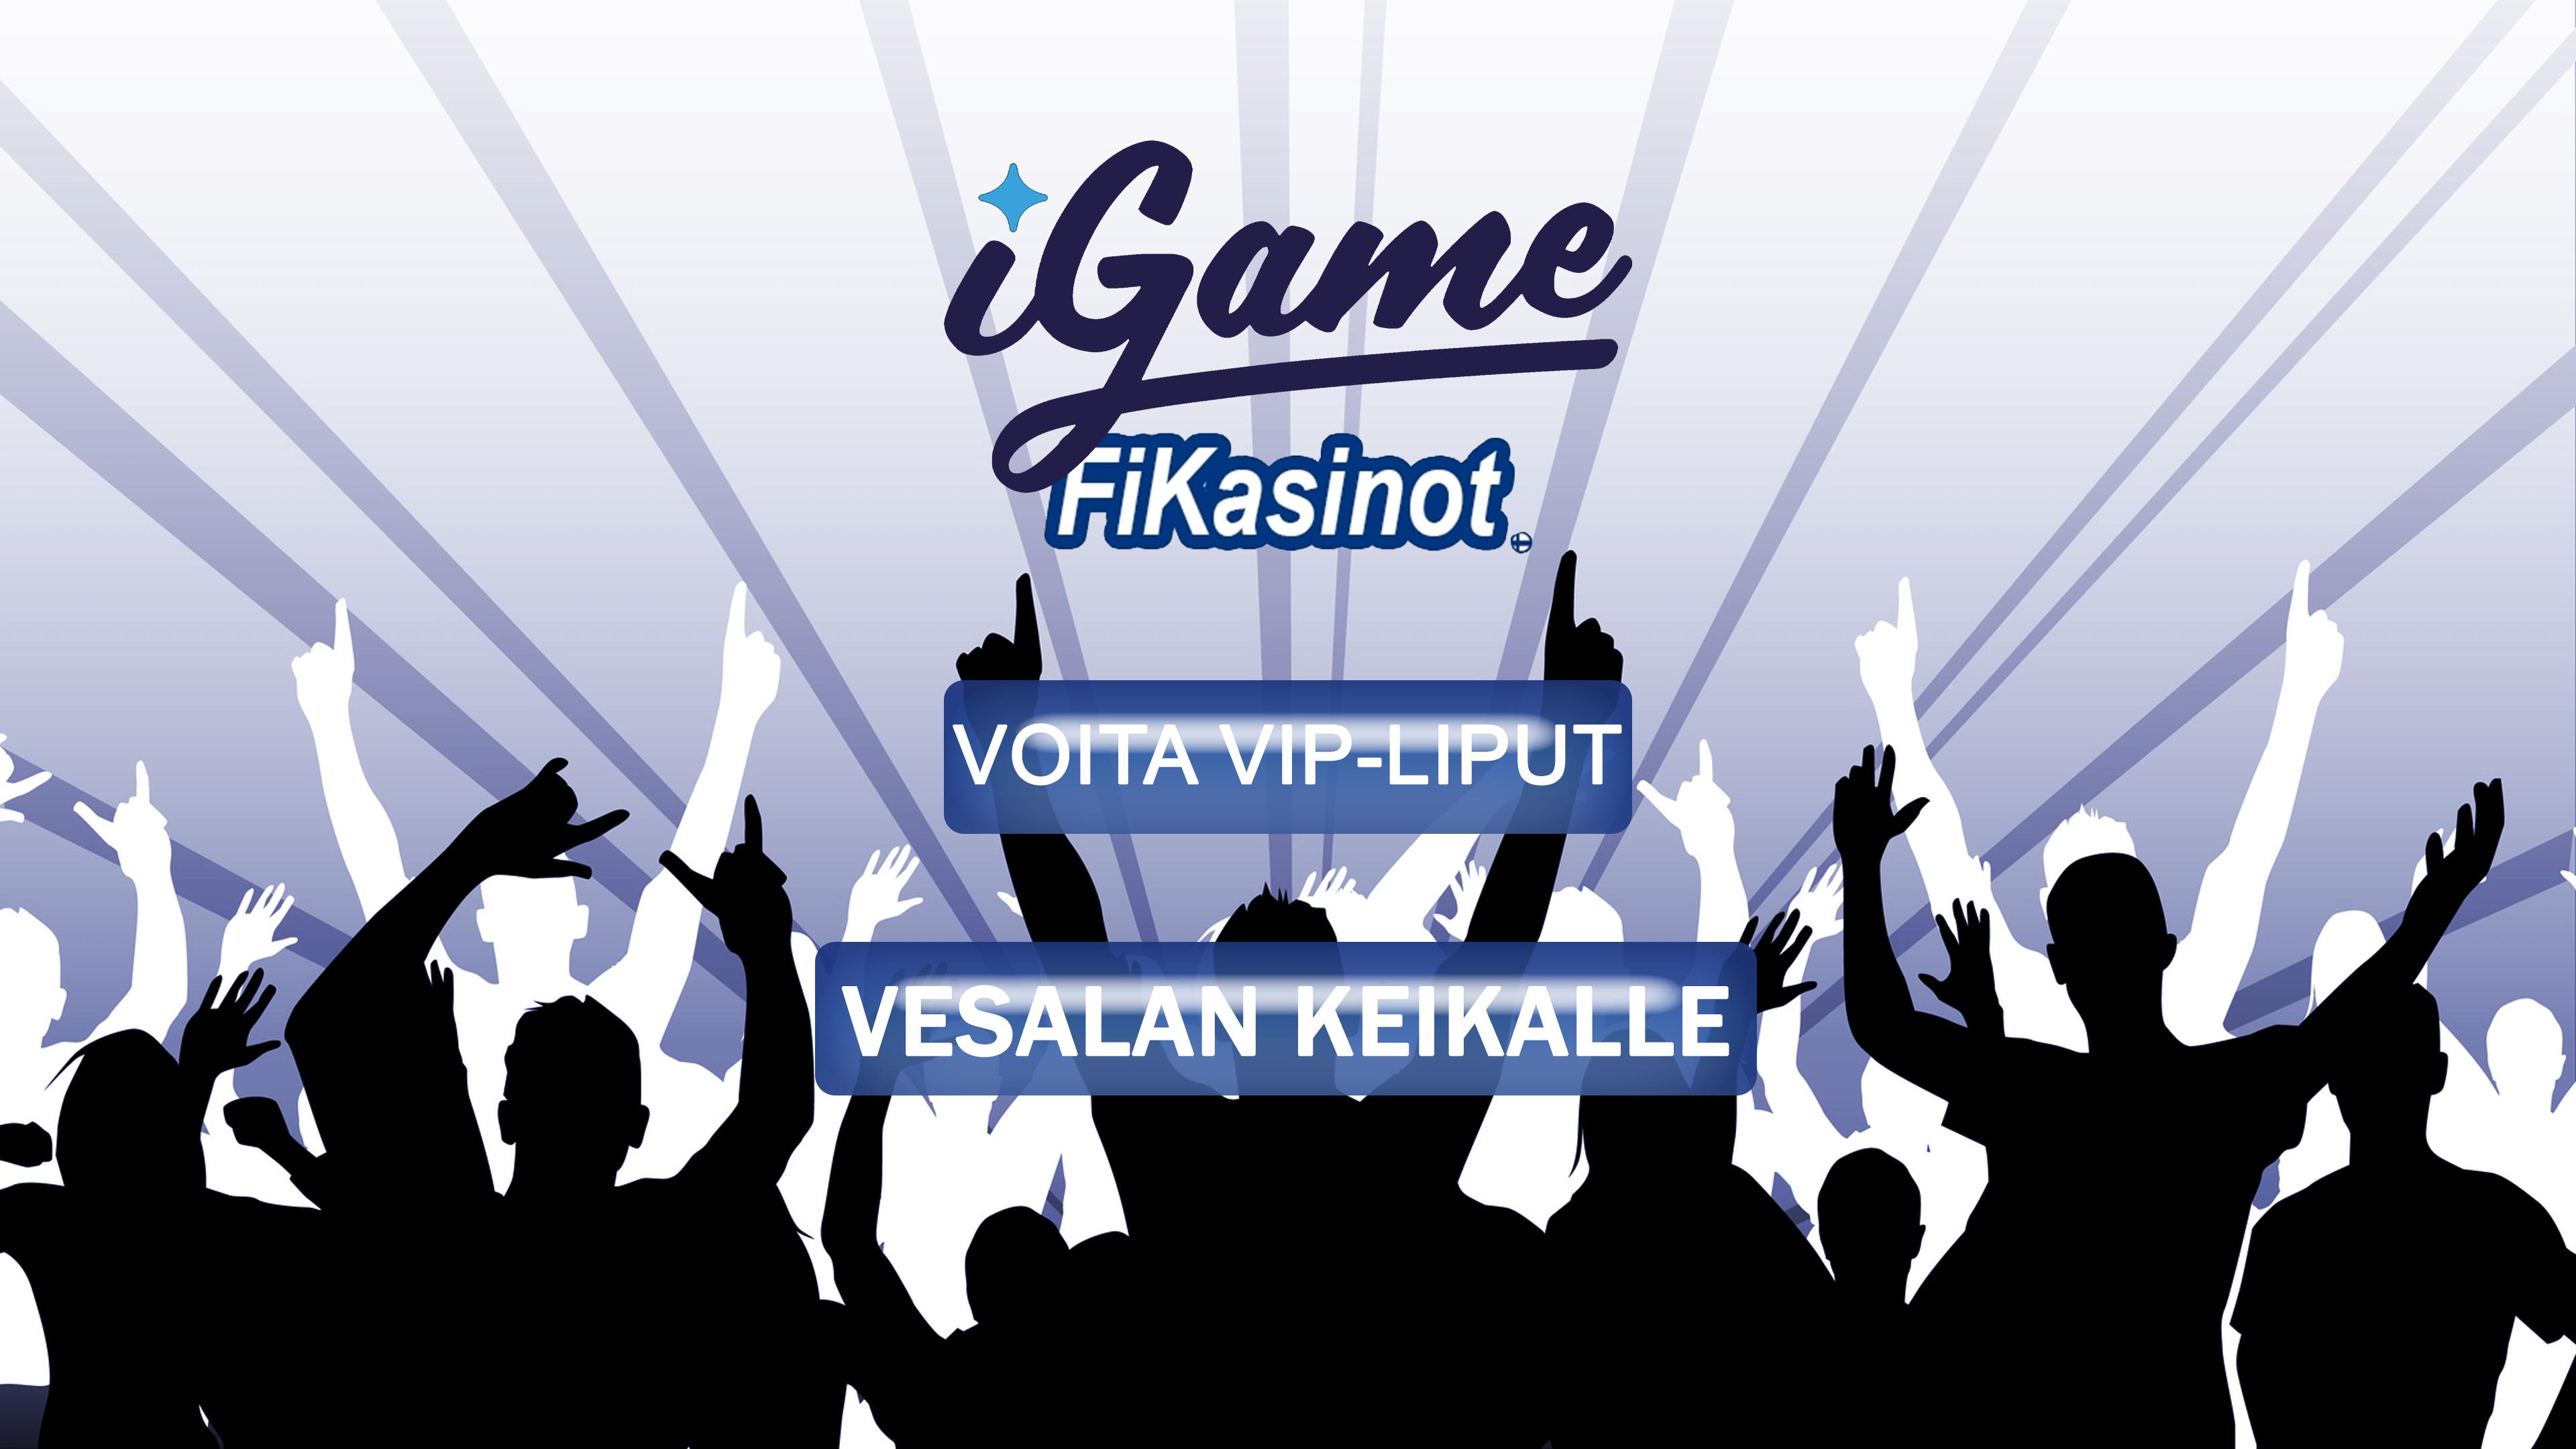 Voita VIP-liput Vesalan keikalle